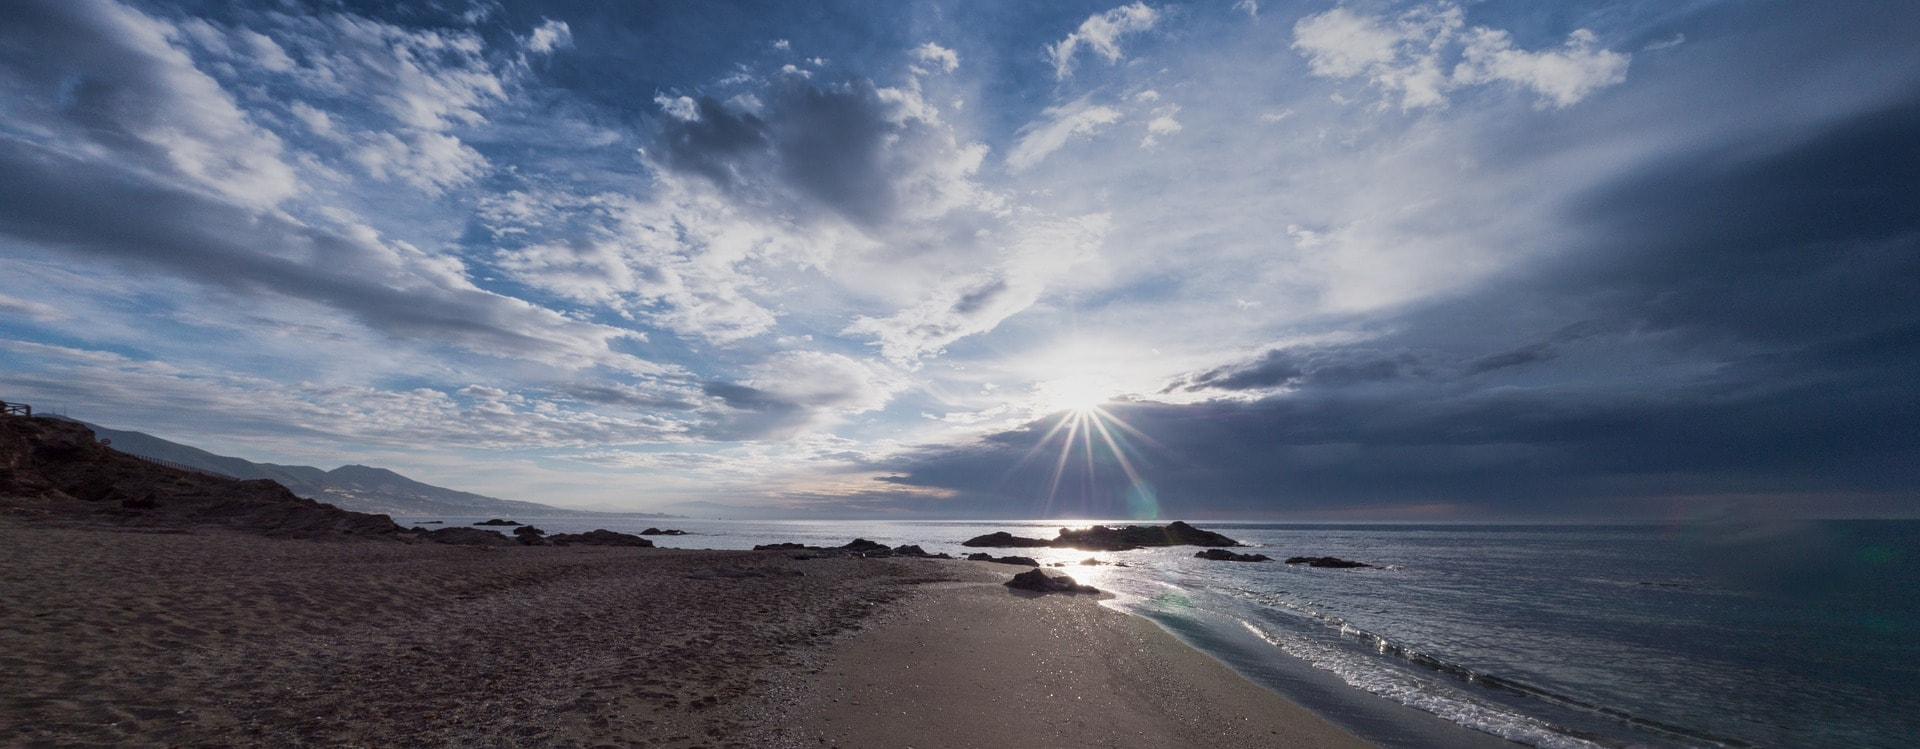 playas-de-malaga